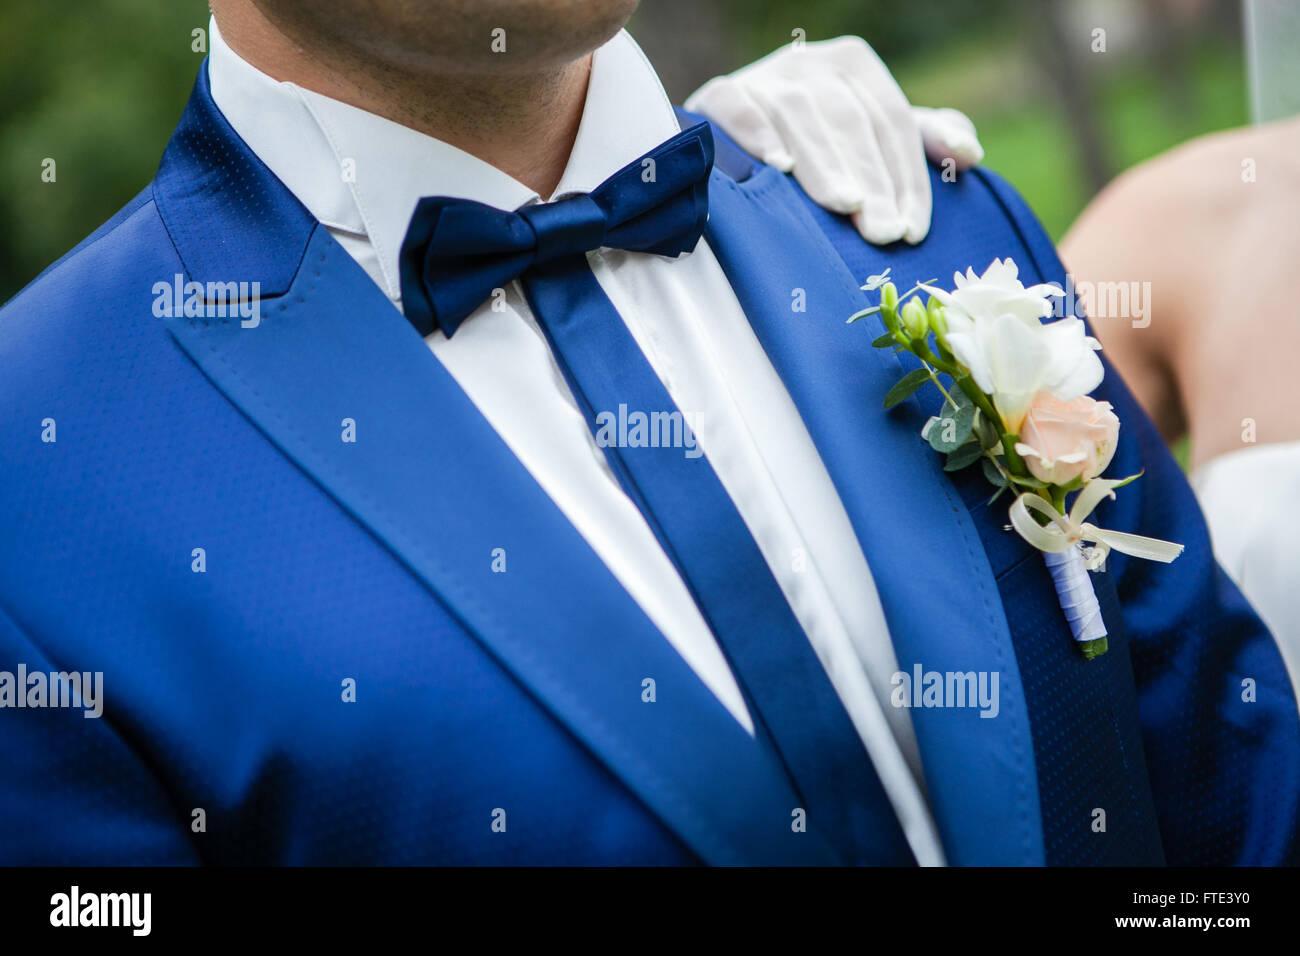 Der Brautigam In Einem Blauen Anzug Mit Fliege Und Knopfloch Am